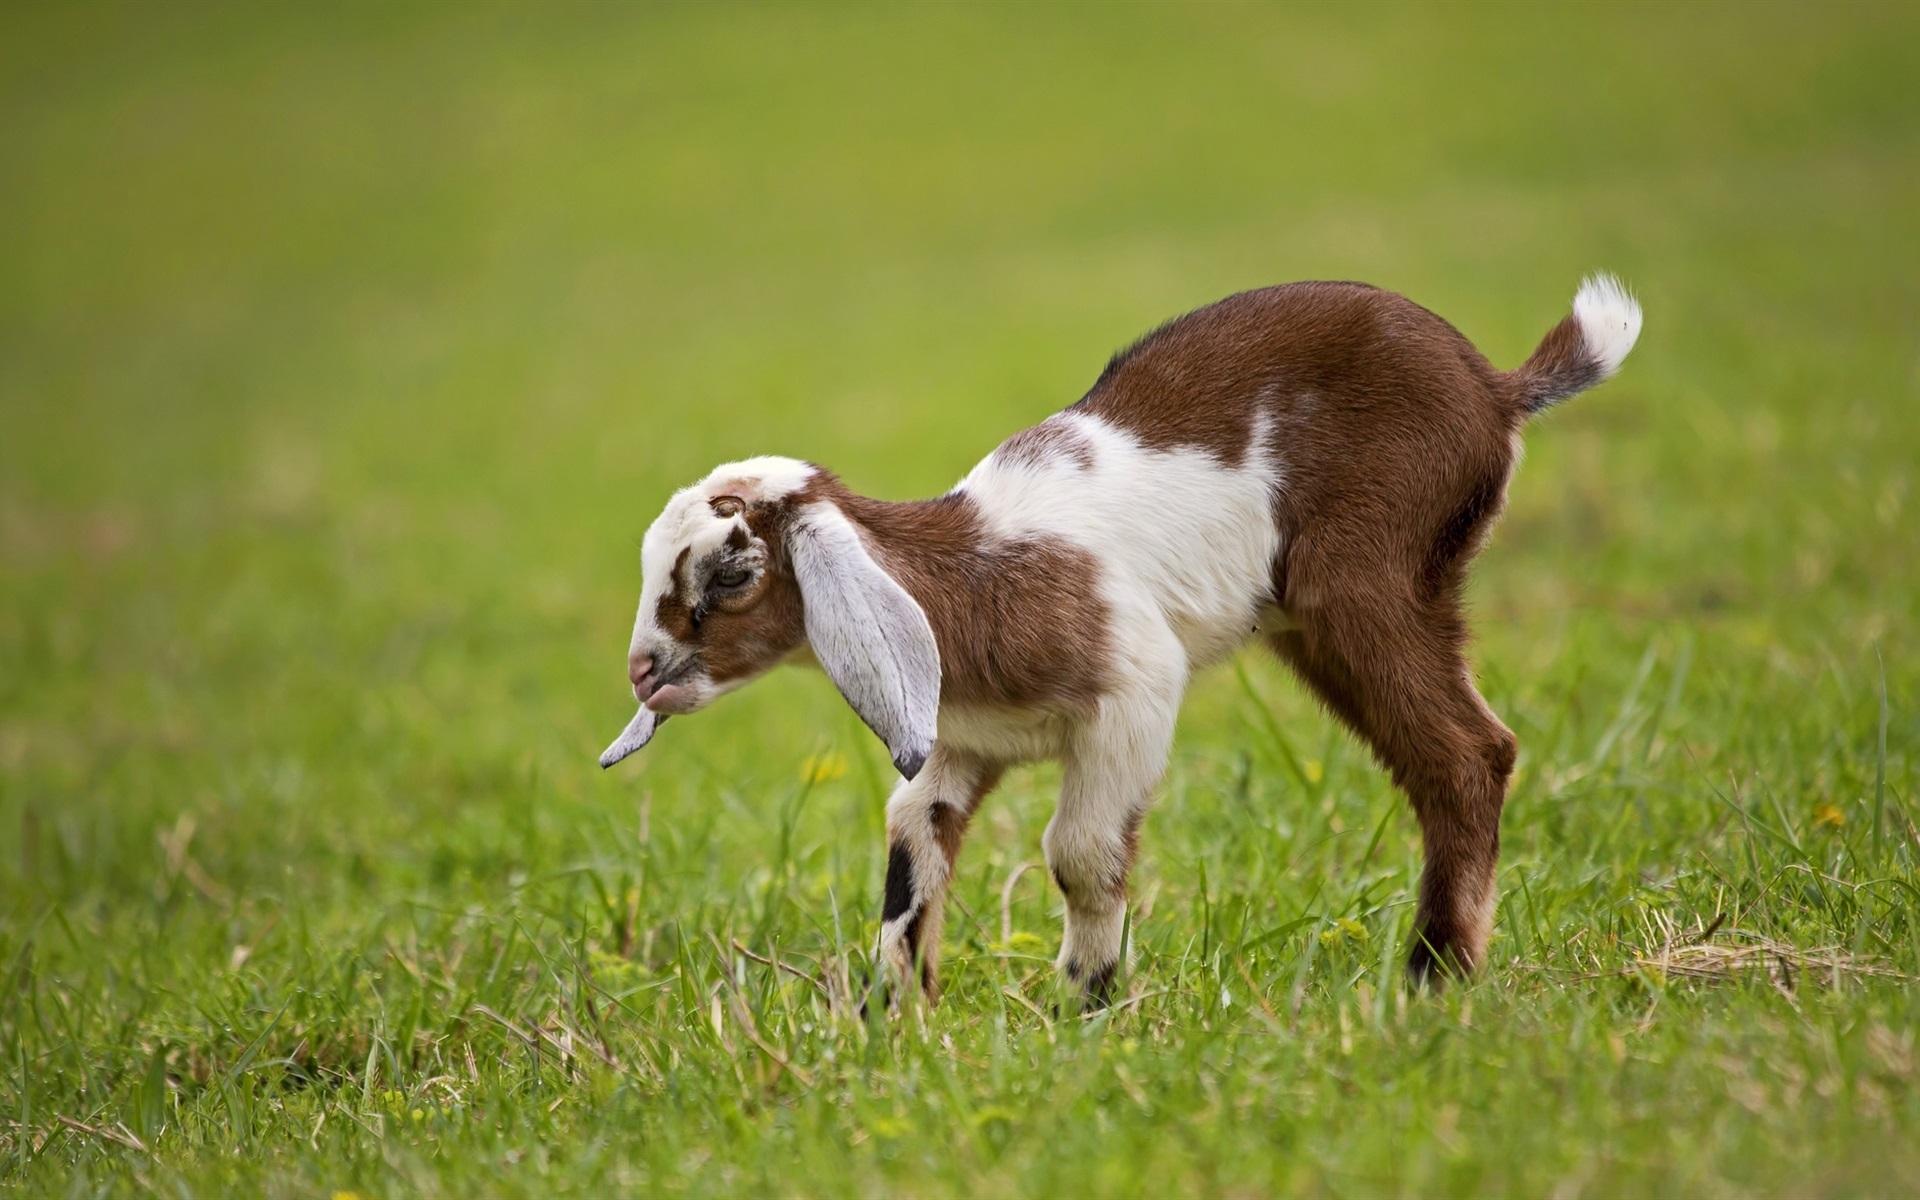 природа животные козы трава забор без смс